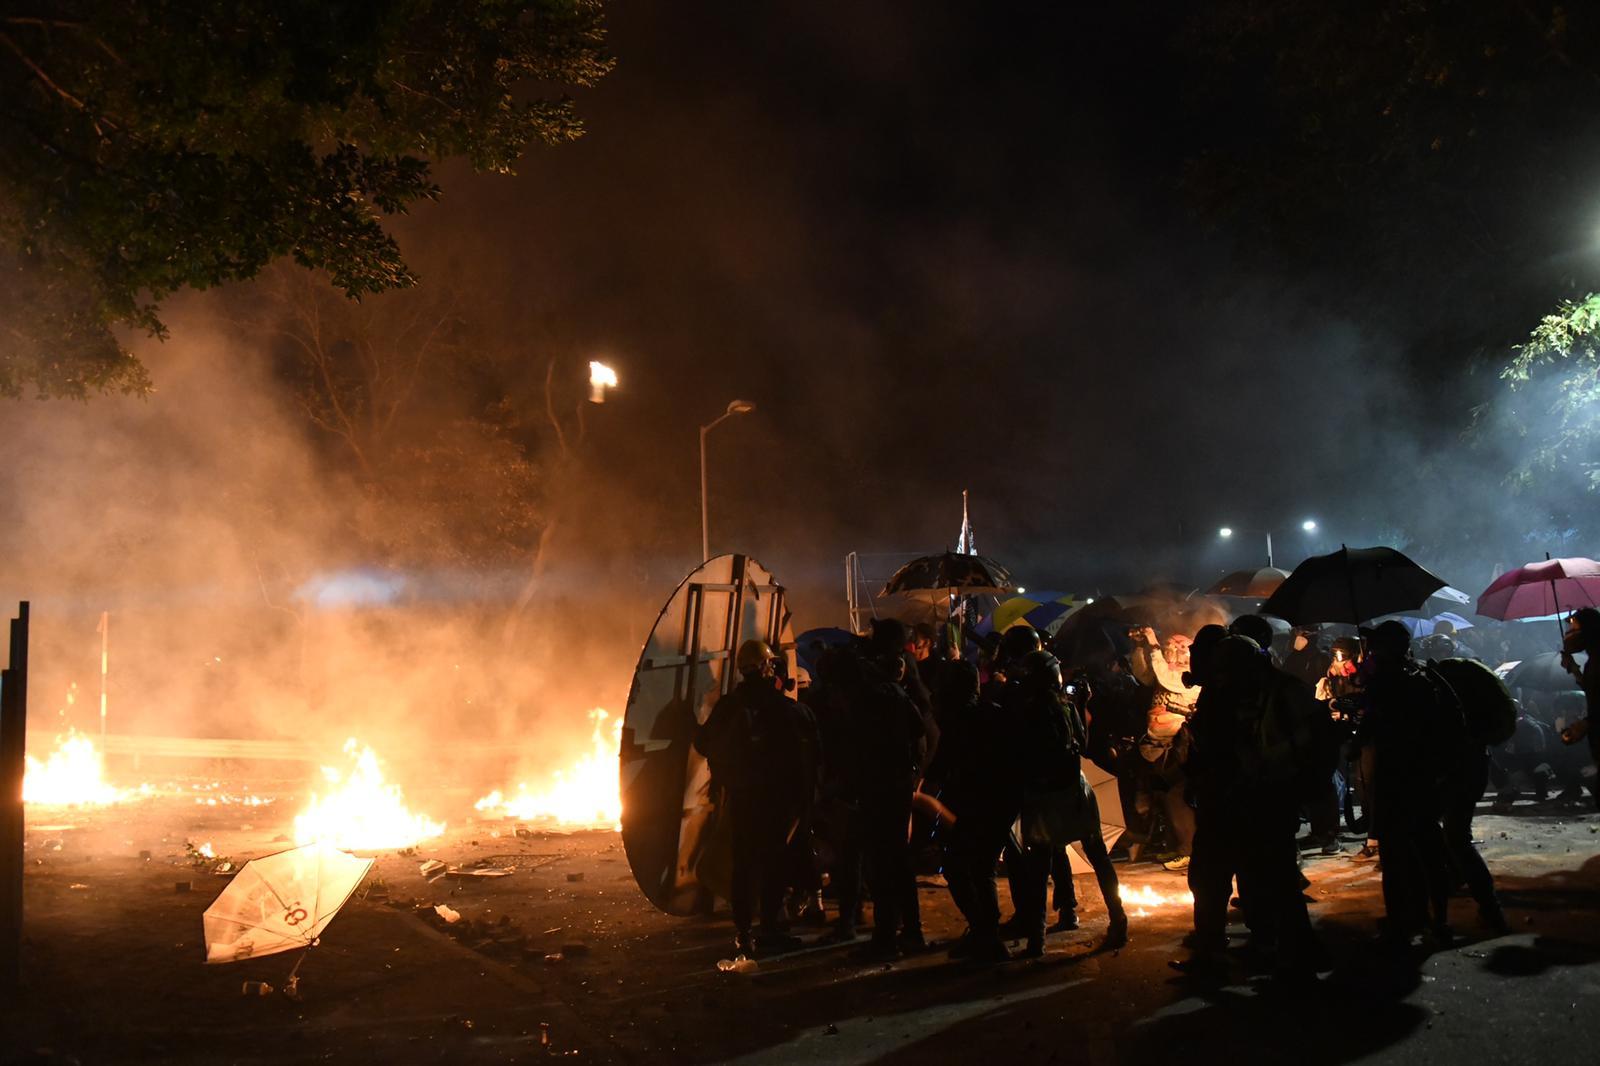 防暴警中大射橡膠子彈催淚彈多人傷 有學生疑頭部中彈倒地昏迷